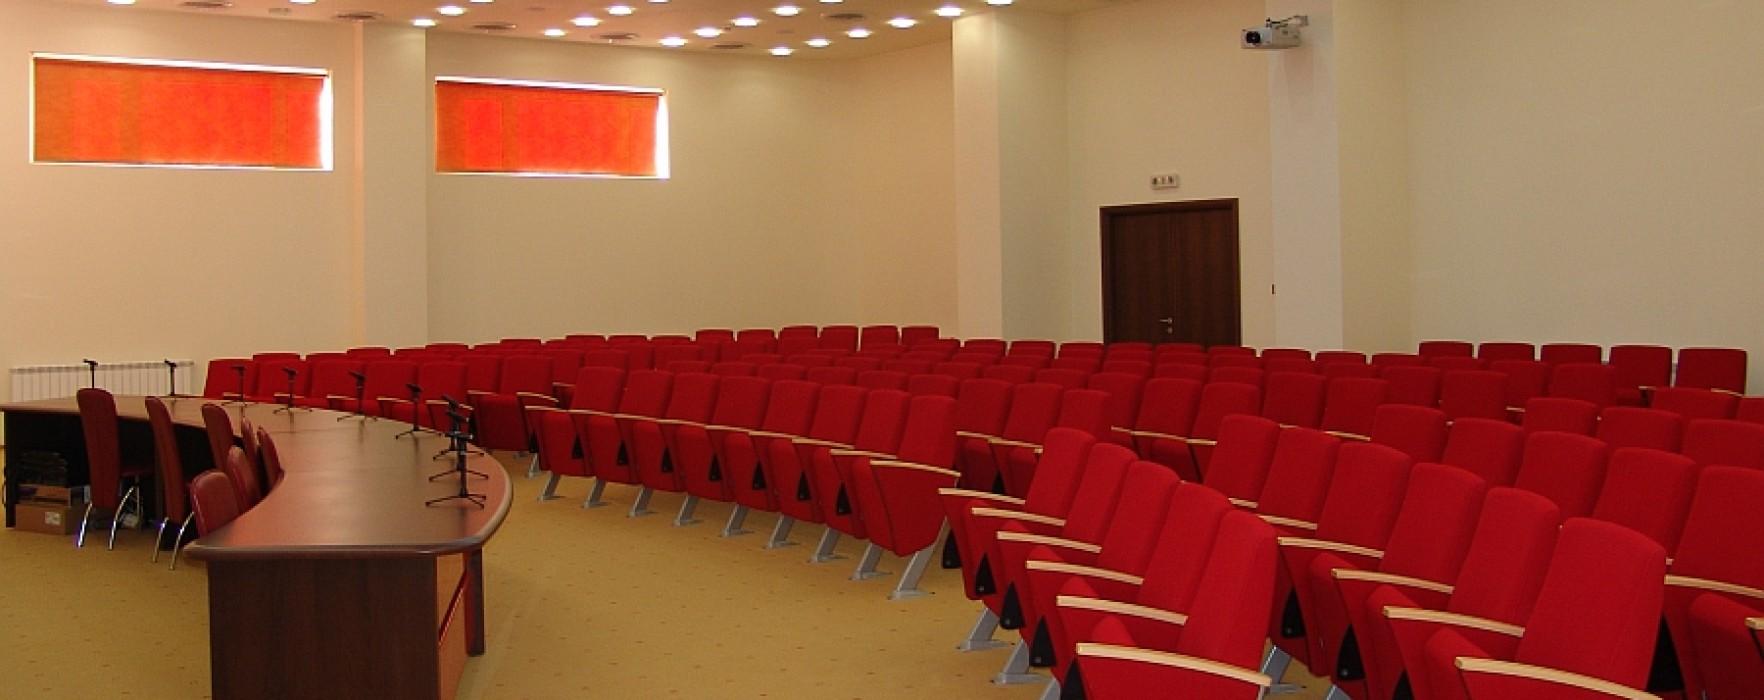 Au început înscrierile la Universitatea Valahia Târgovişte